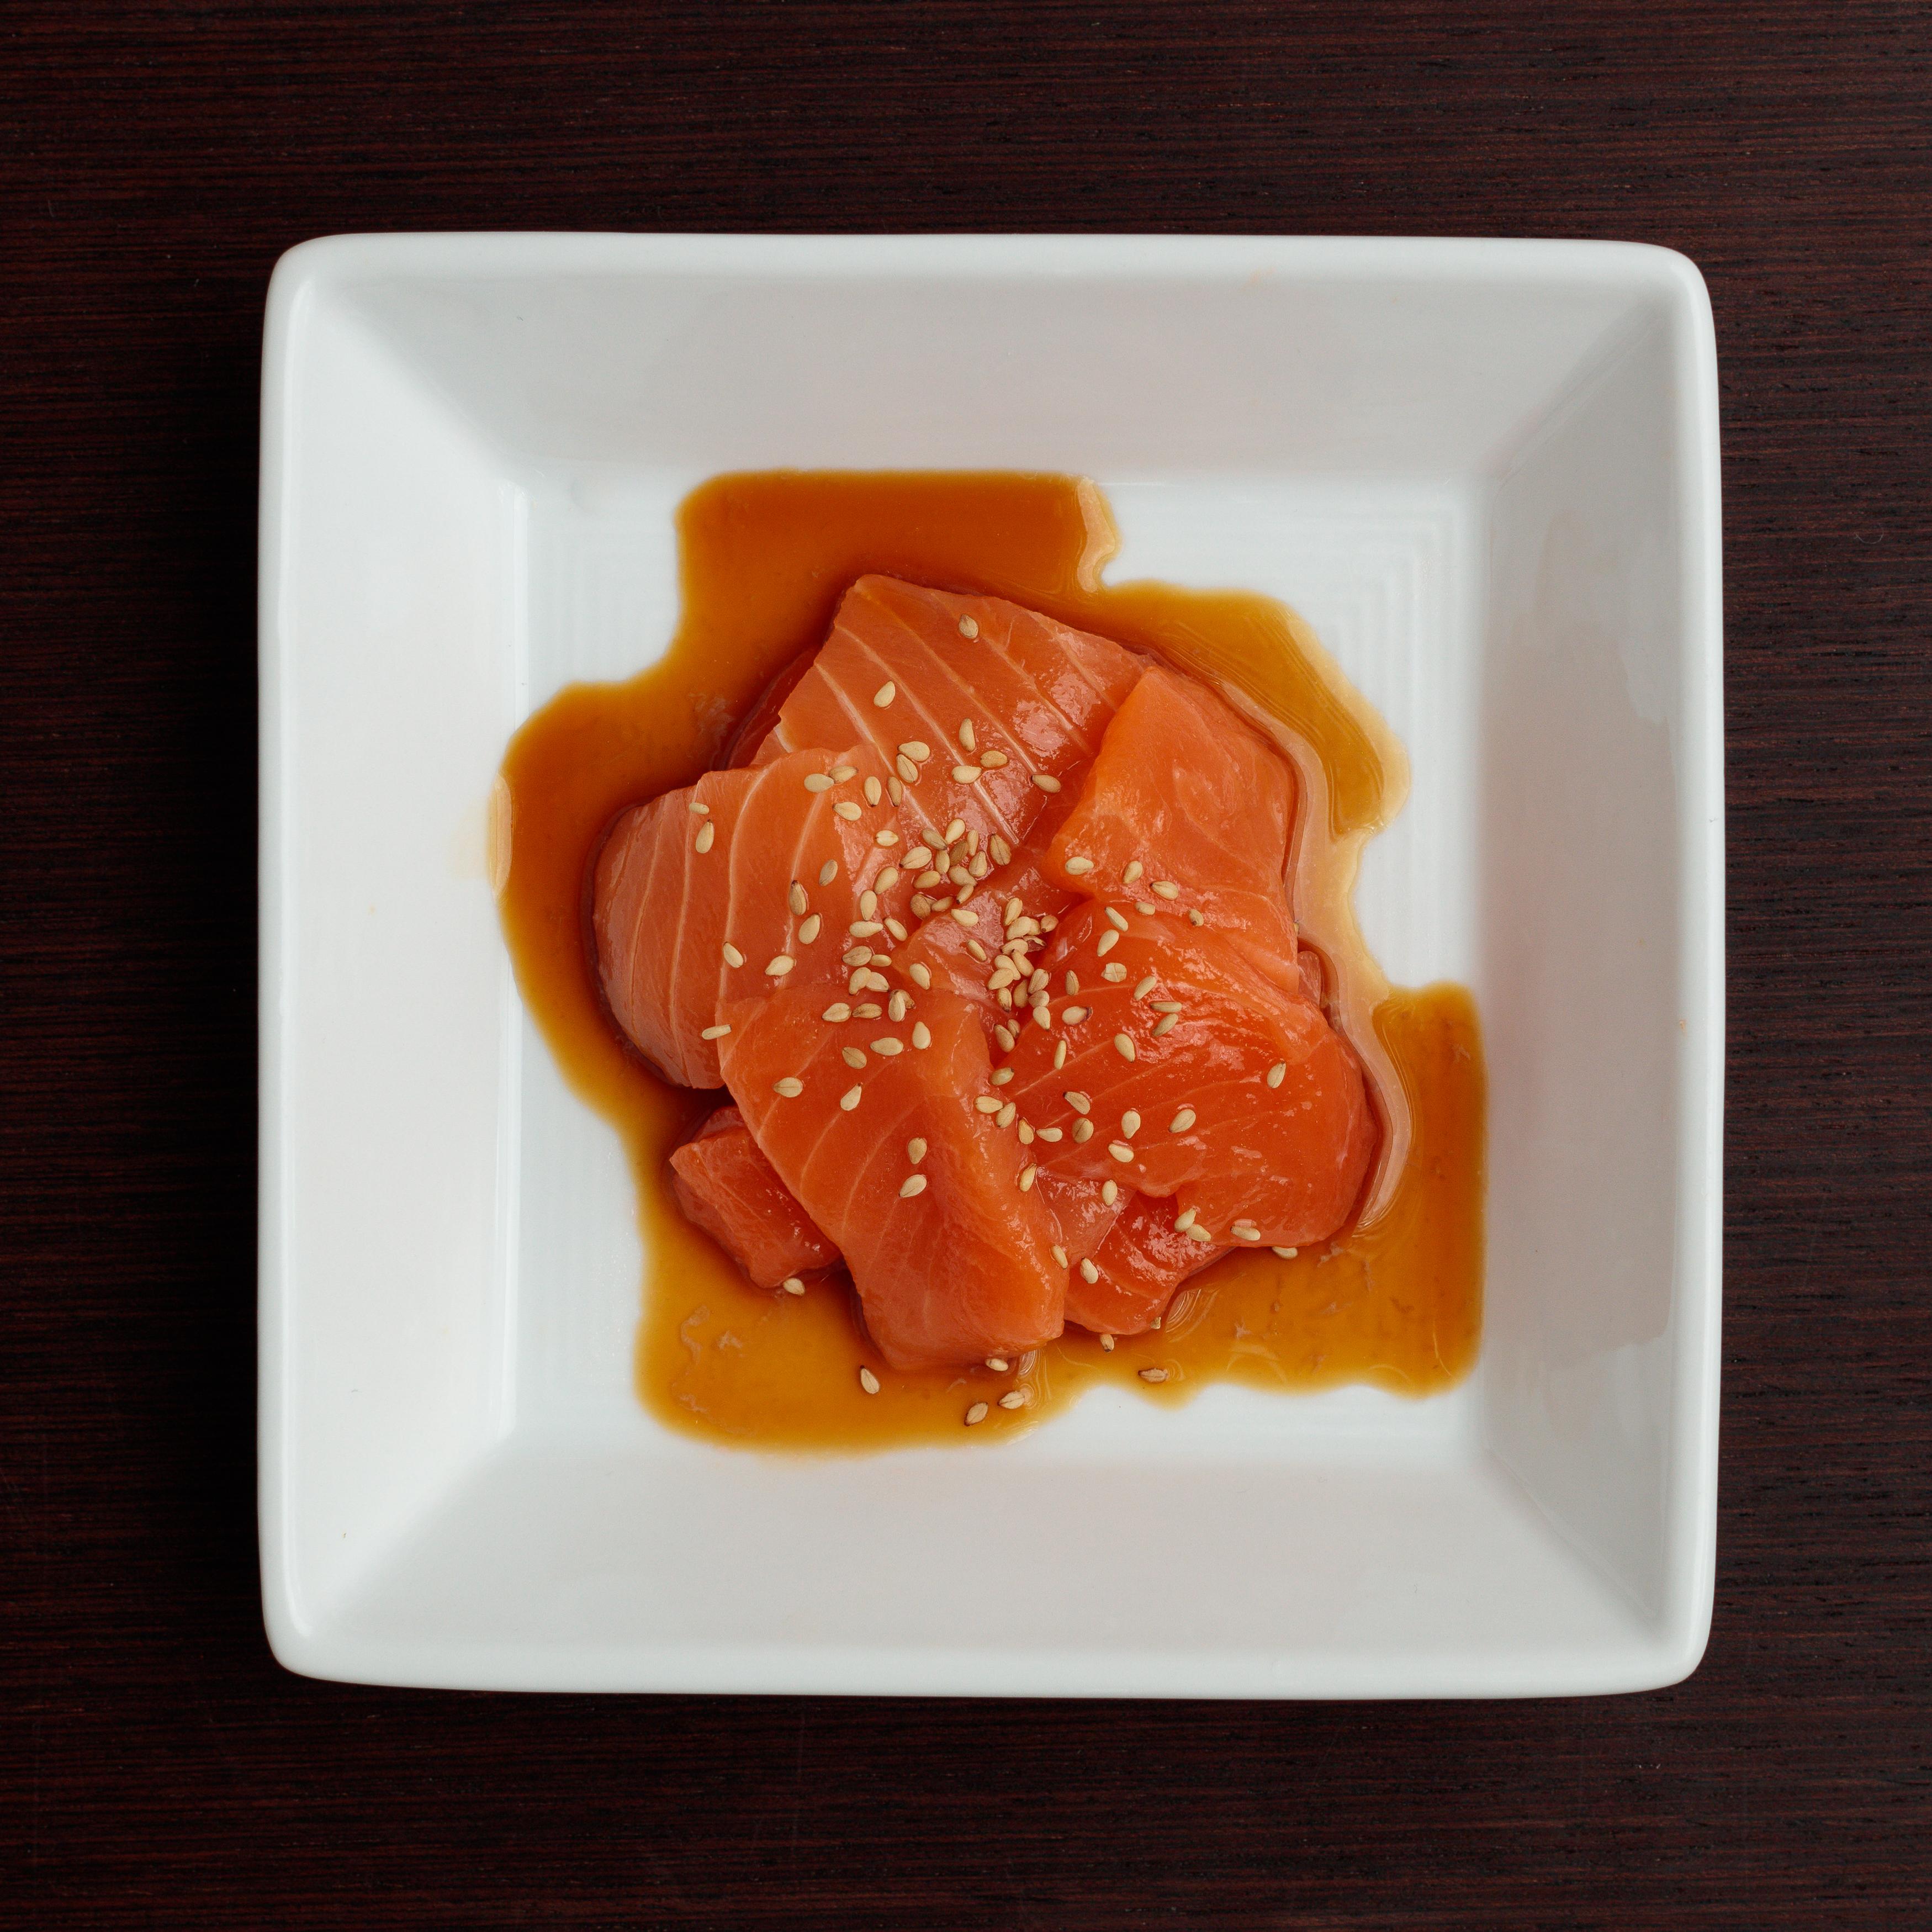 Dish with SUGARFISH Salmon sashimi